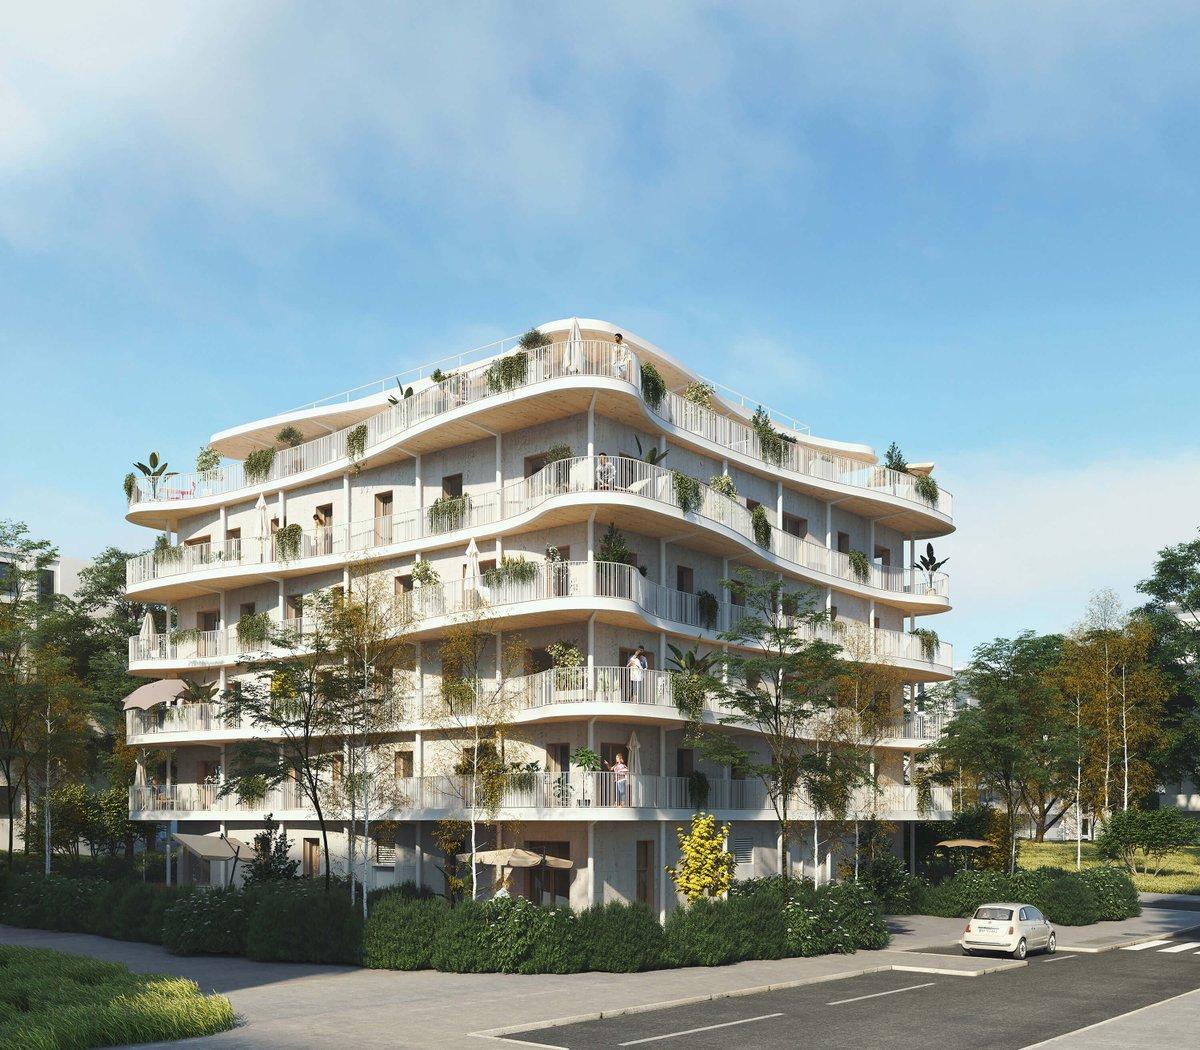 test Twitter Media - Découvrez (ou re-découvrez) les œuvres des plus grands noms de l'architecture française : https://t.co/zVlZQR4Ytt Woodeum est fier de travailler avec Nicolas #Laisné, #architecte de nos résidences #bas_carbone à Vélizy #Althea & #Tilia et bientôt d'un nouveau projet à Bagneux https://t.co/ZOc3LDlvKn